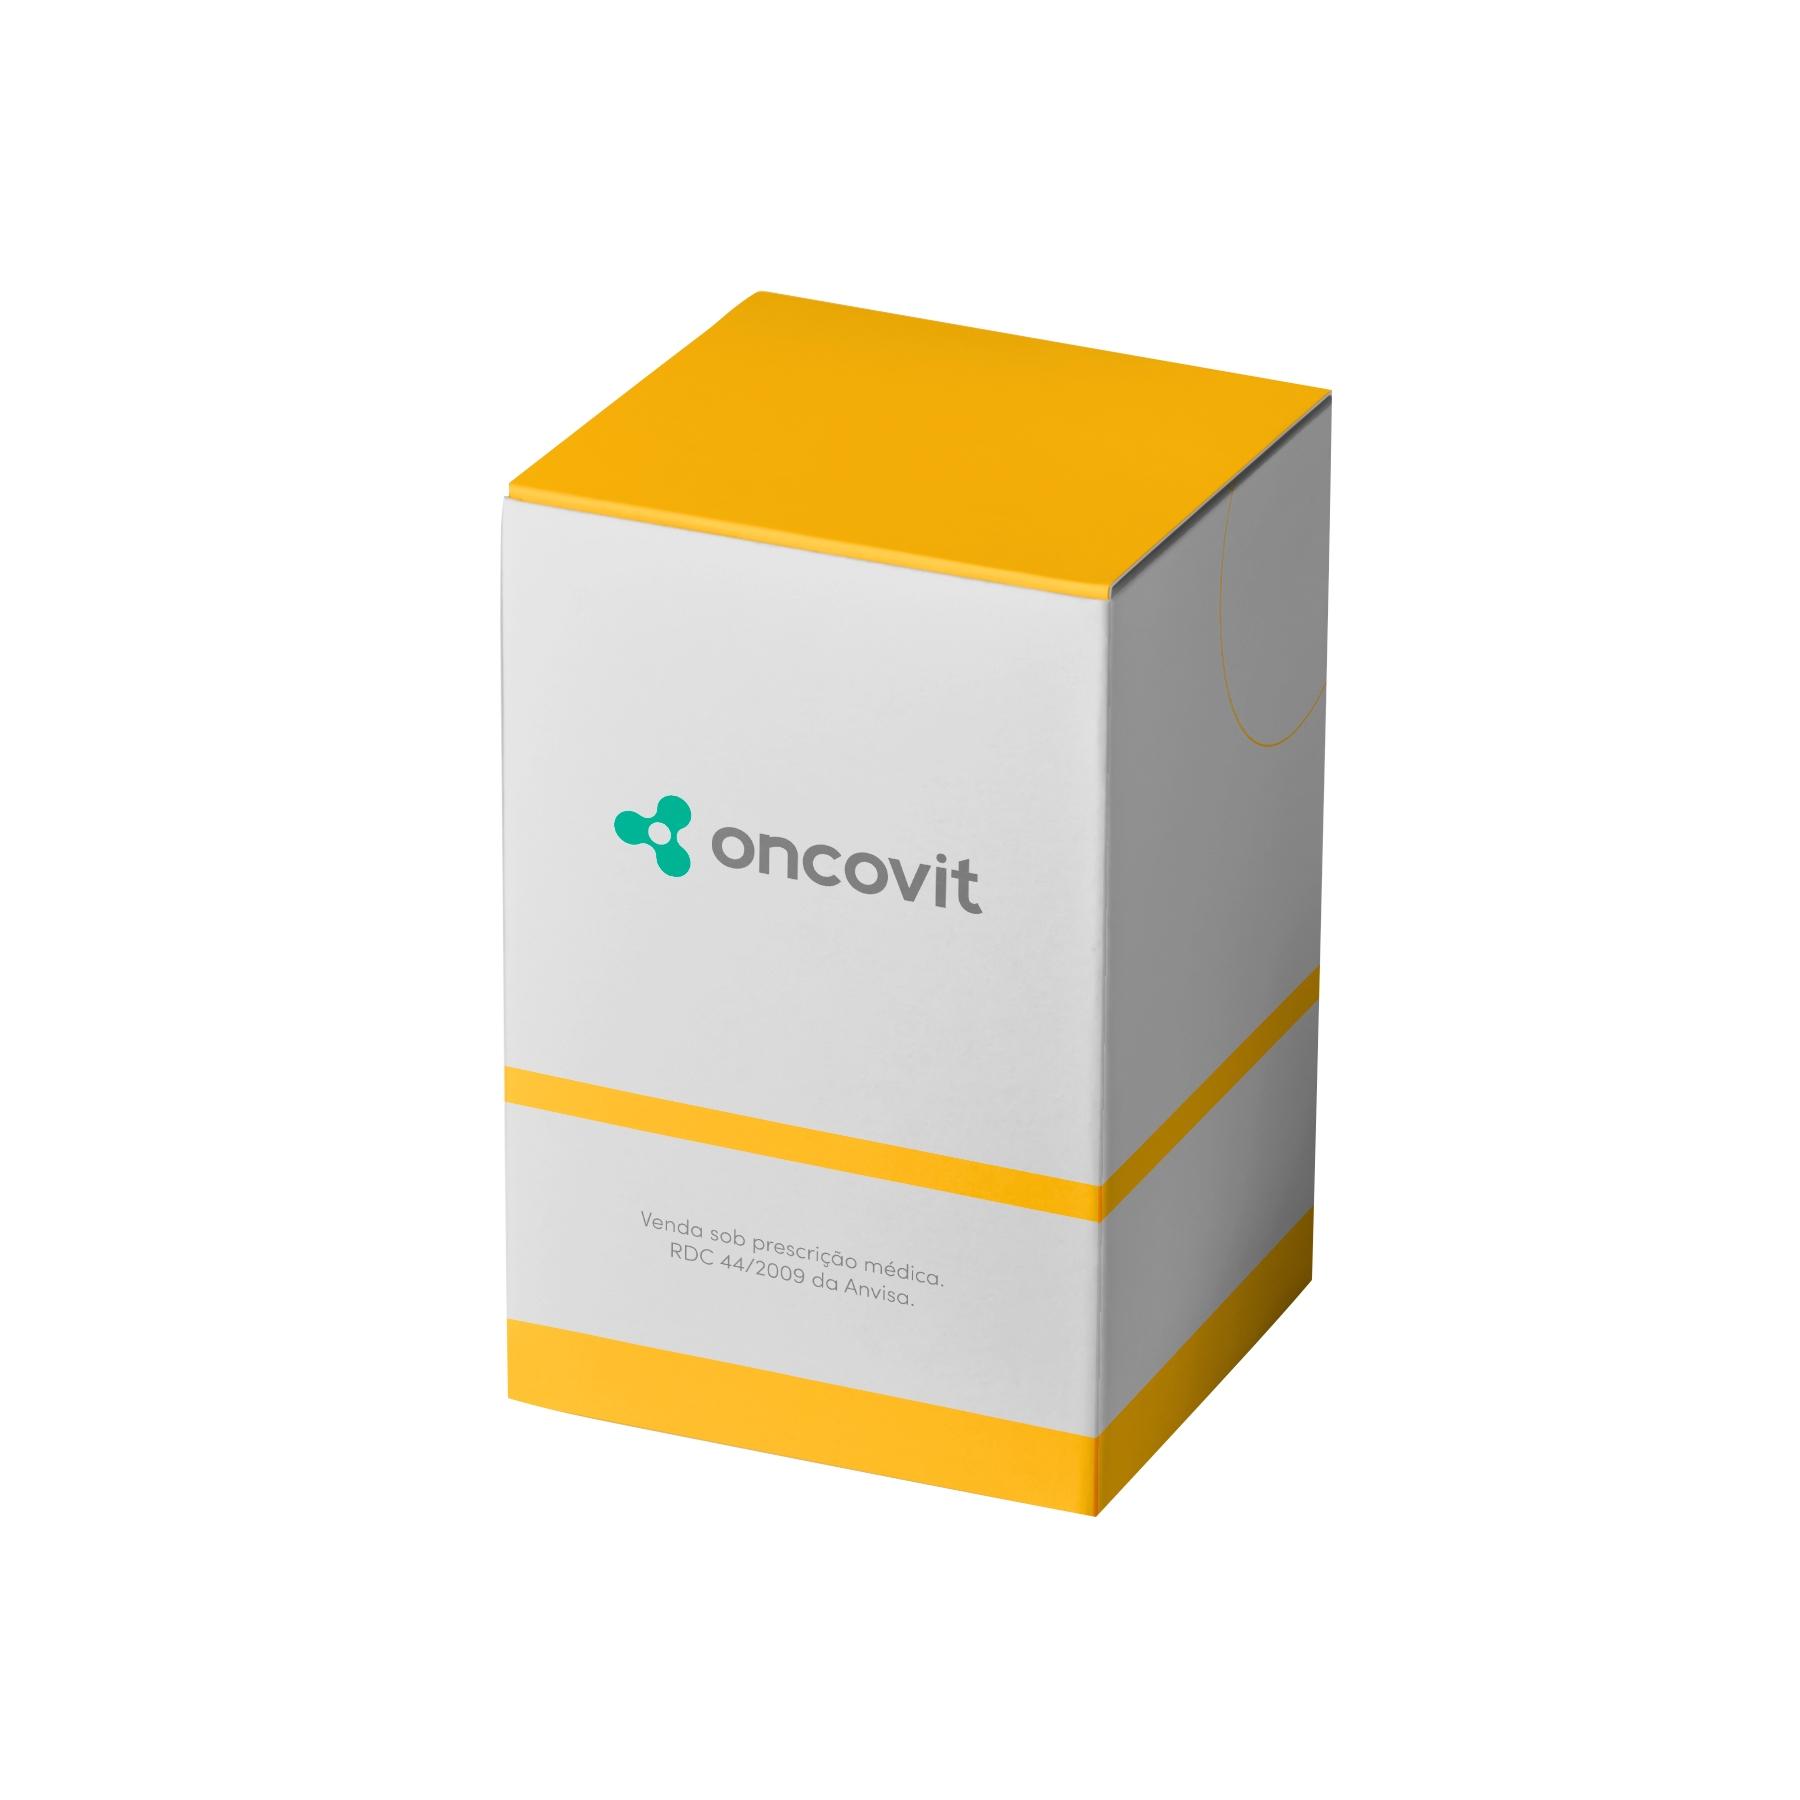 Neo Decapeptyl 3,75mg caixa contendo 1 frasco-ampola com pó para suspensão de uso intramuscular + 1 frasco-ampola com 2mL de diluente